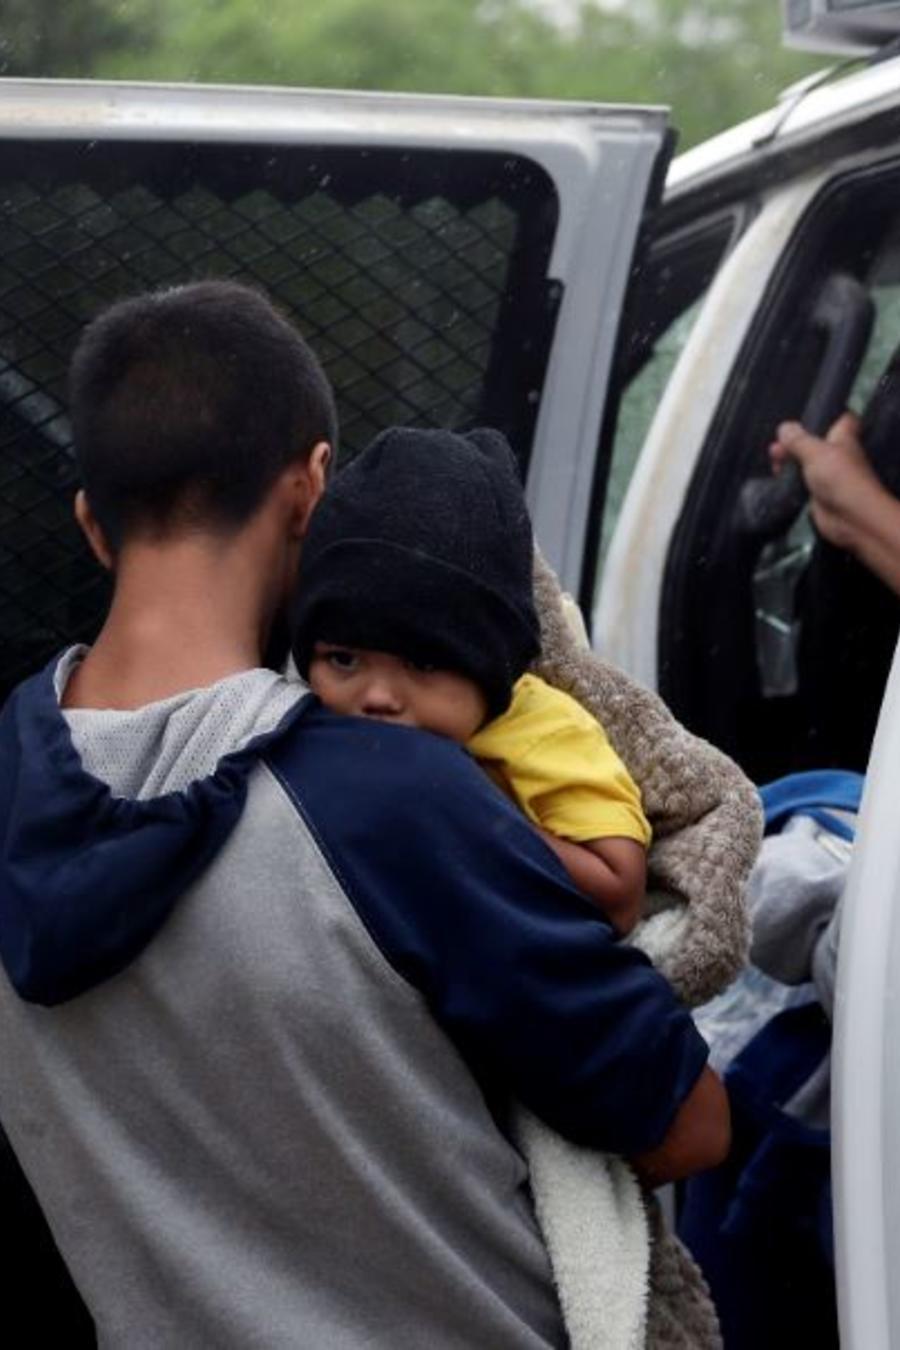 Una foto de archivo del pasado marzo muestra a familias migrantes que cruzaron la frontera de EE. UU. cerca de McAllen, Texas.